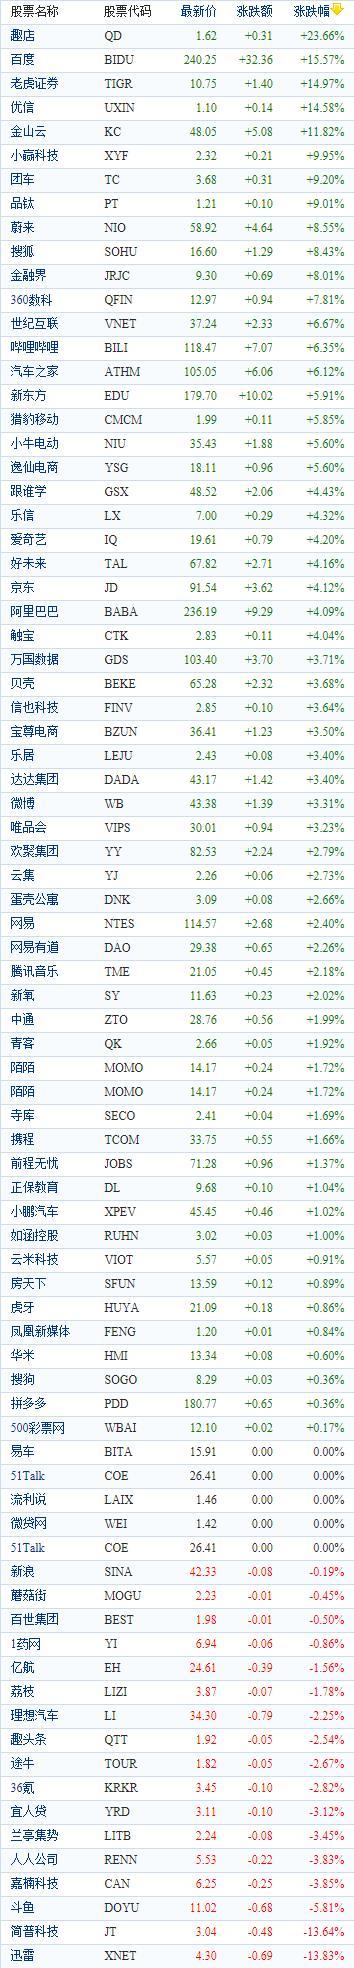 中国概念股周五收盘多数上涨 B站市值突破400亿趣店大涨24%